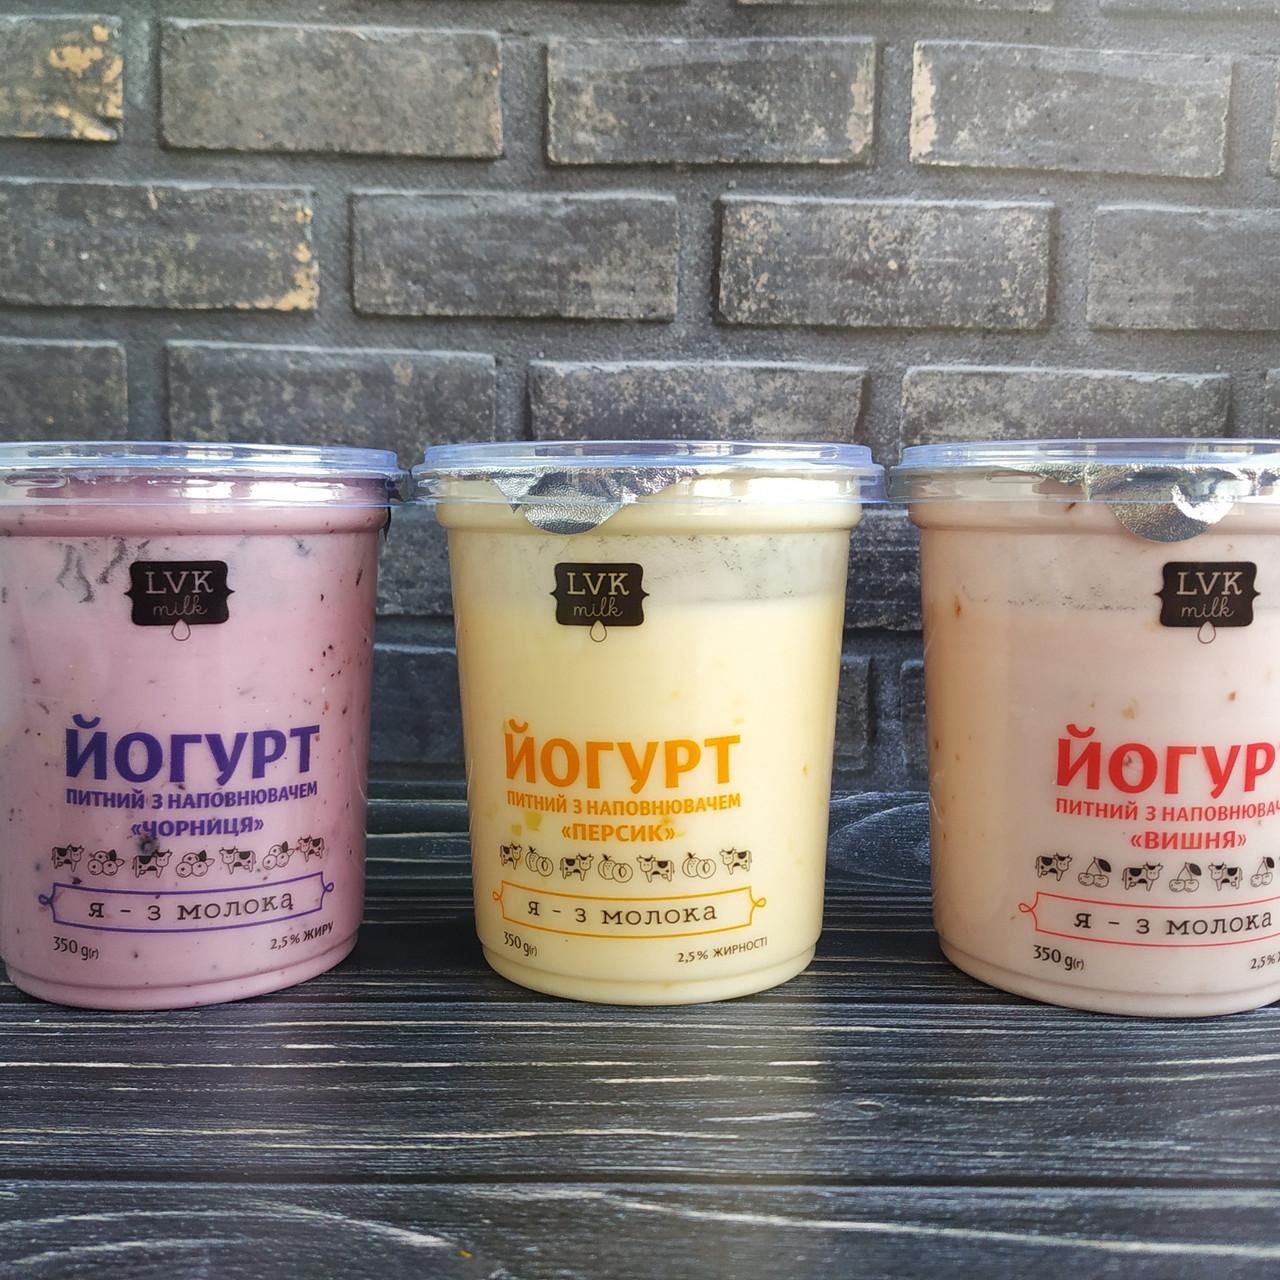 Йогурт питний з вишнею 350г LVK milk